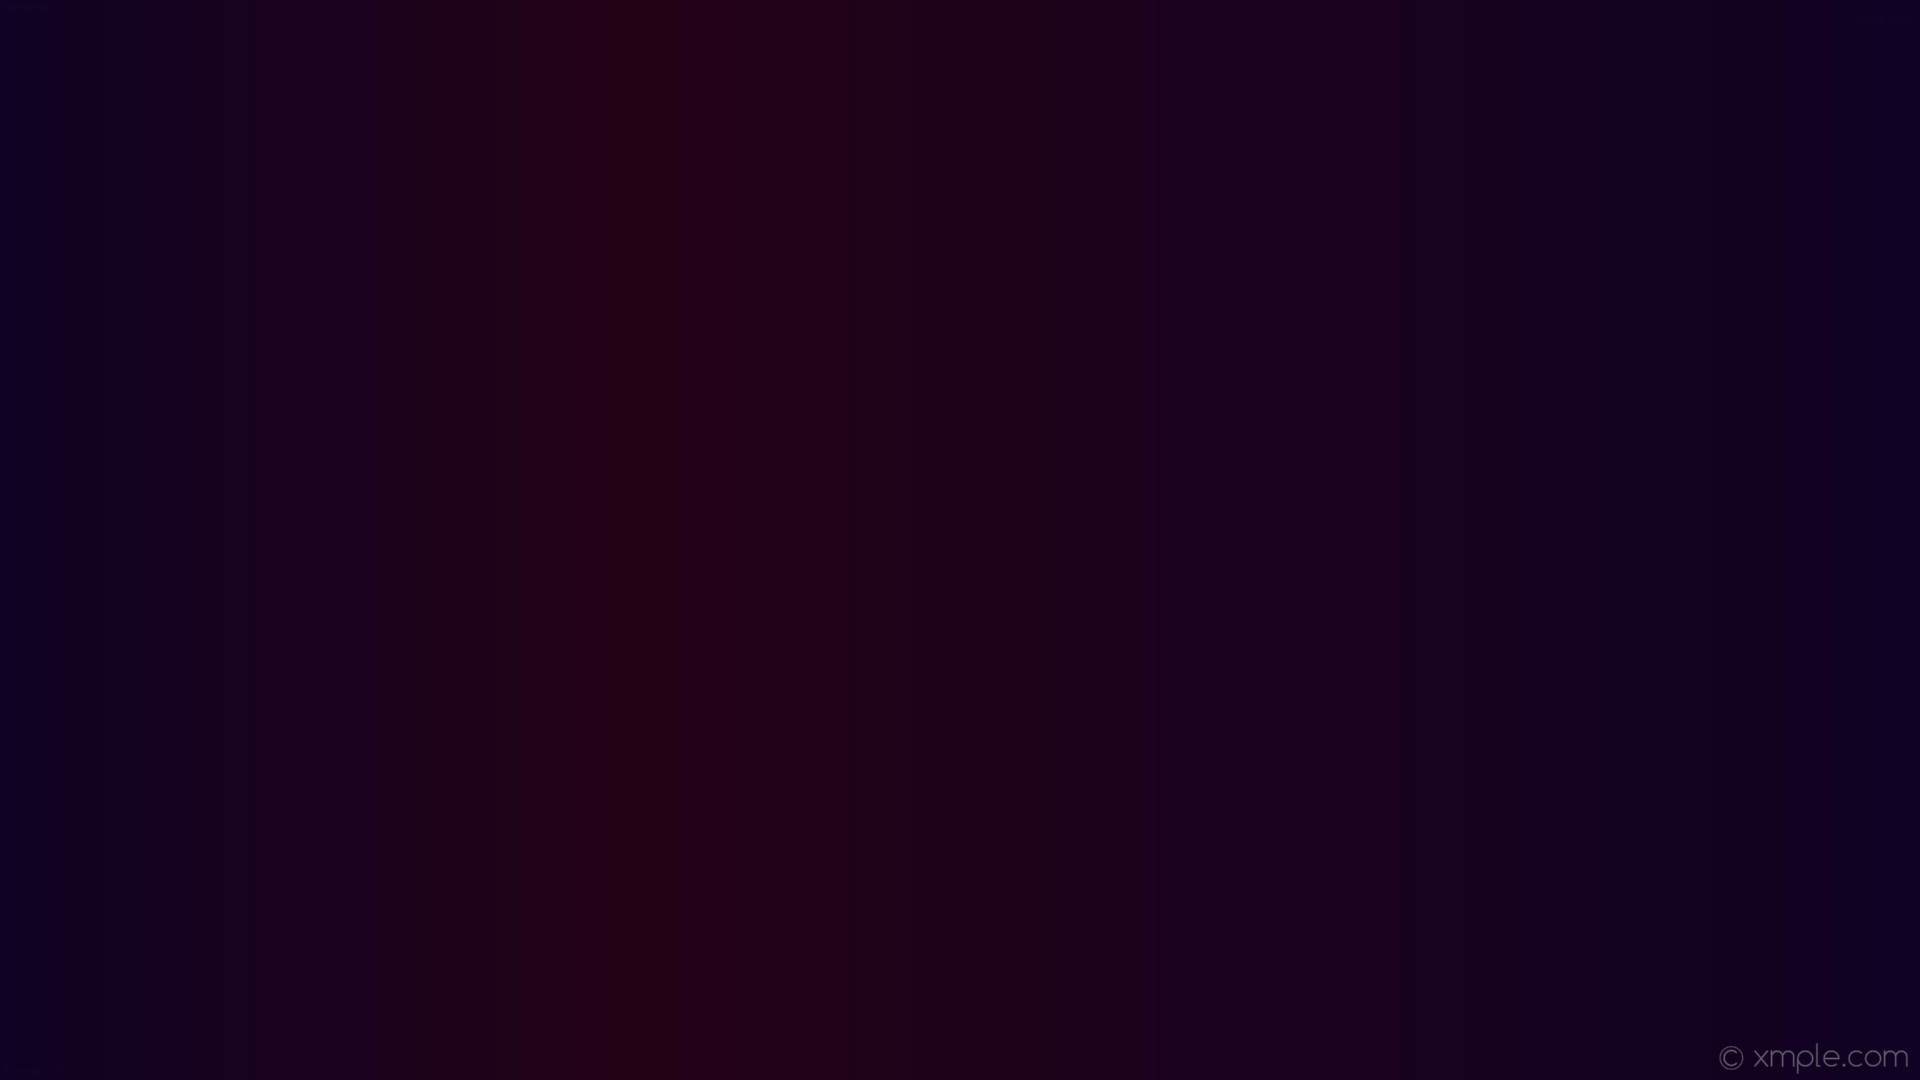 wallpaper linear highlight violet pink gradient dark violet dark pink  #0f0224 #240216 0°